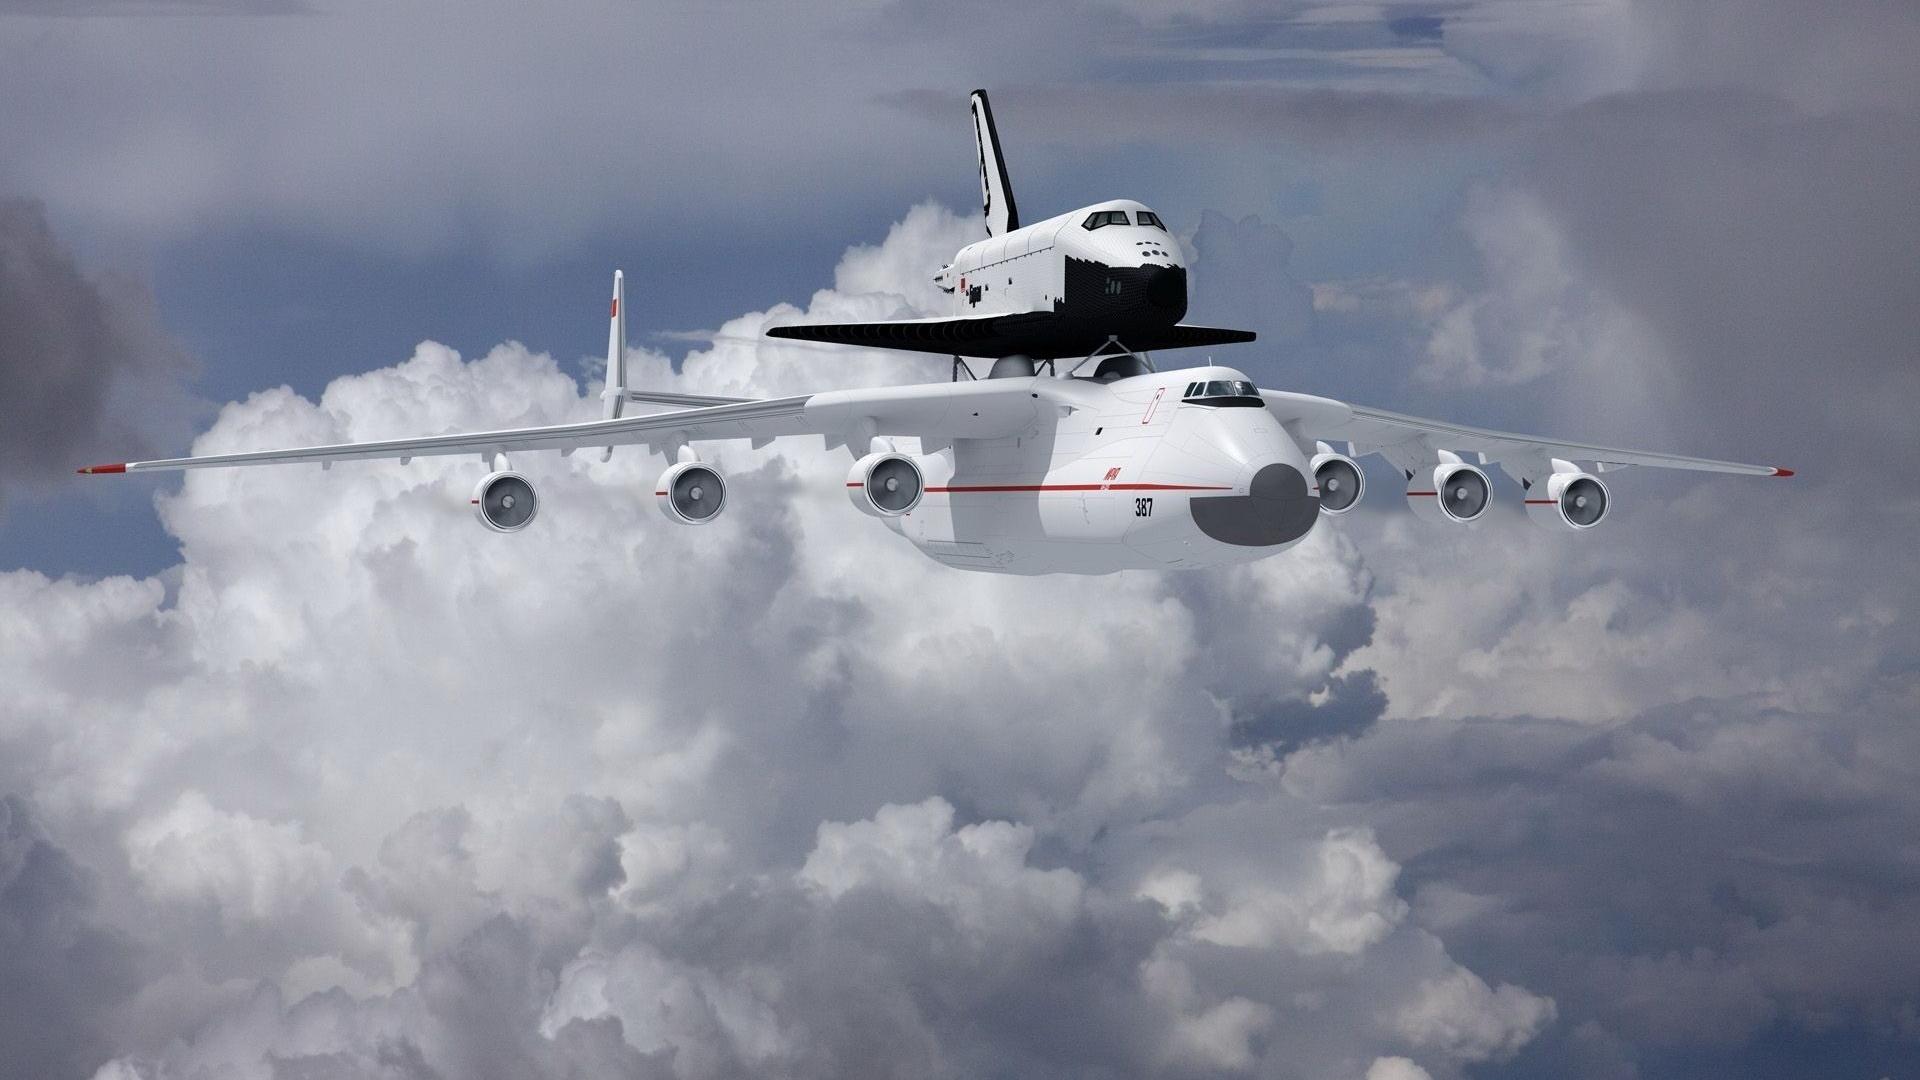 Обои летательные аппараты, картинки, самолеты, обои, вертолеты. Авиация foto 18